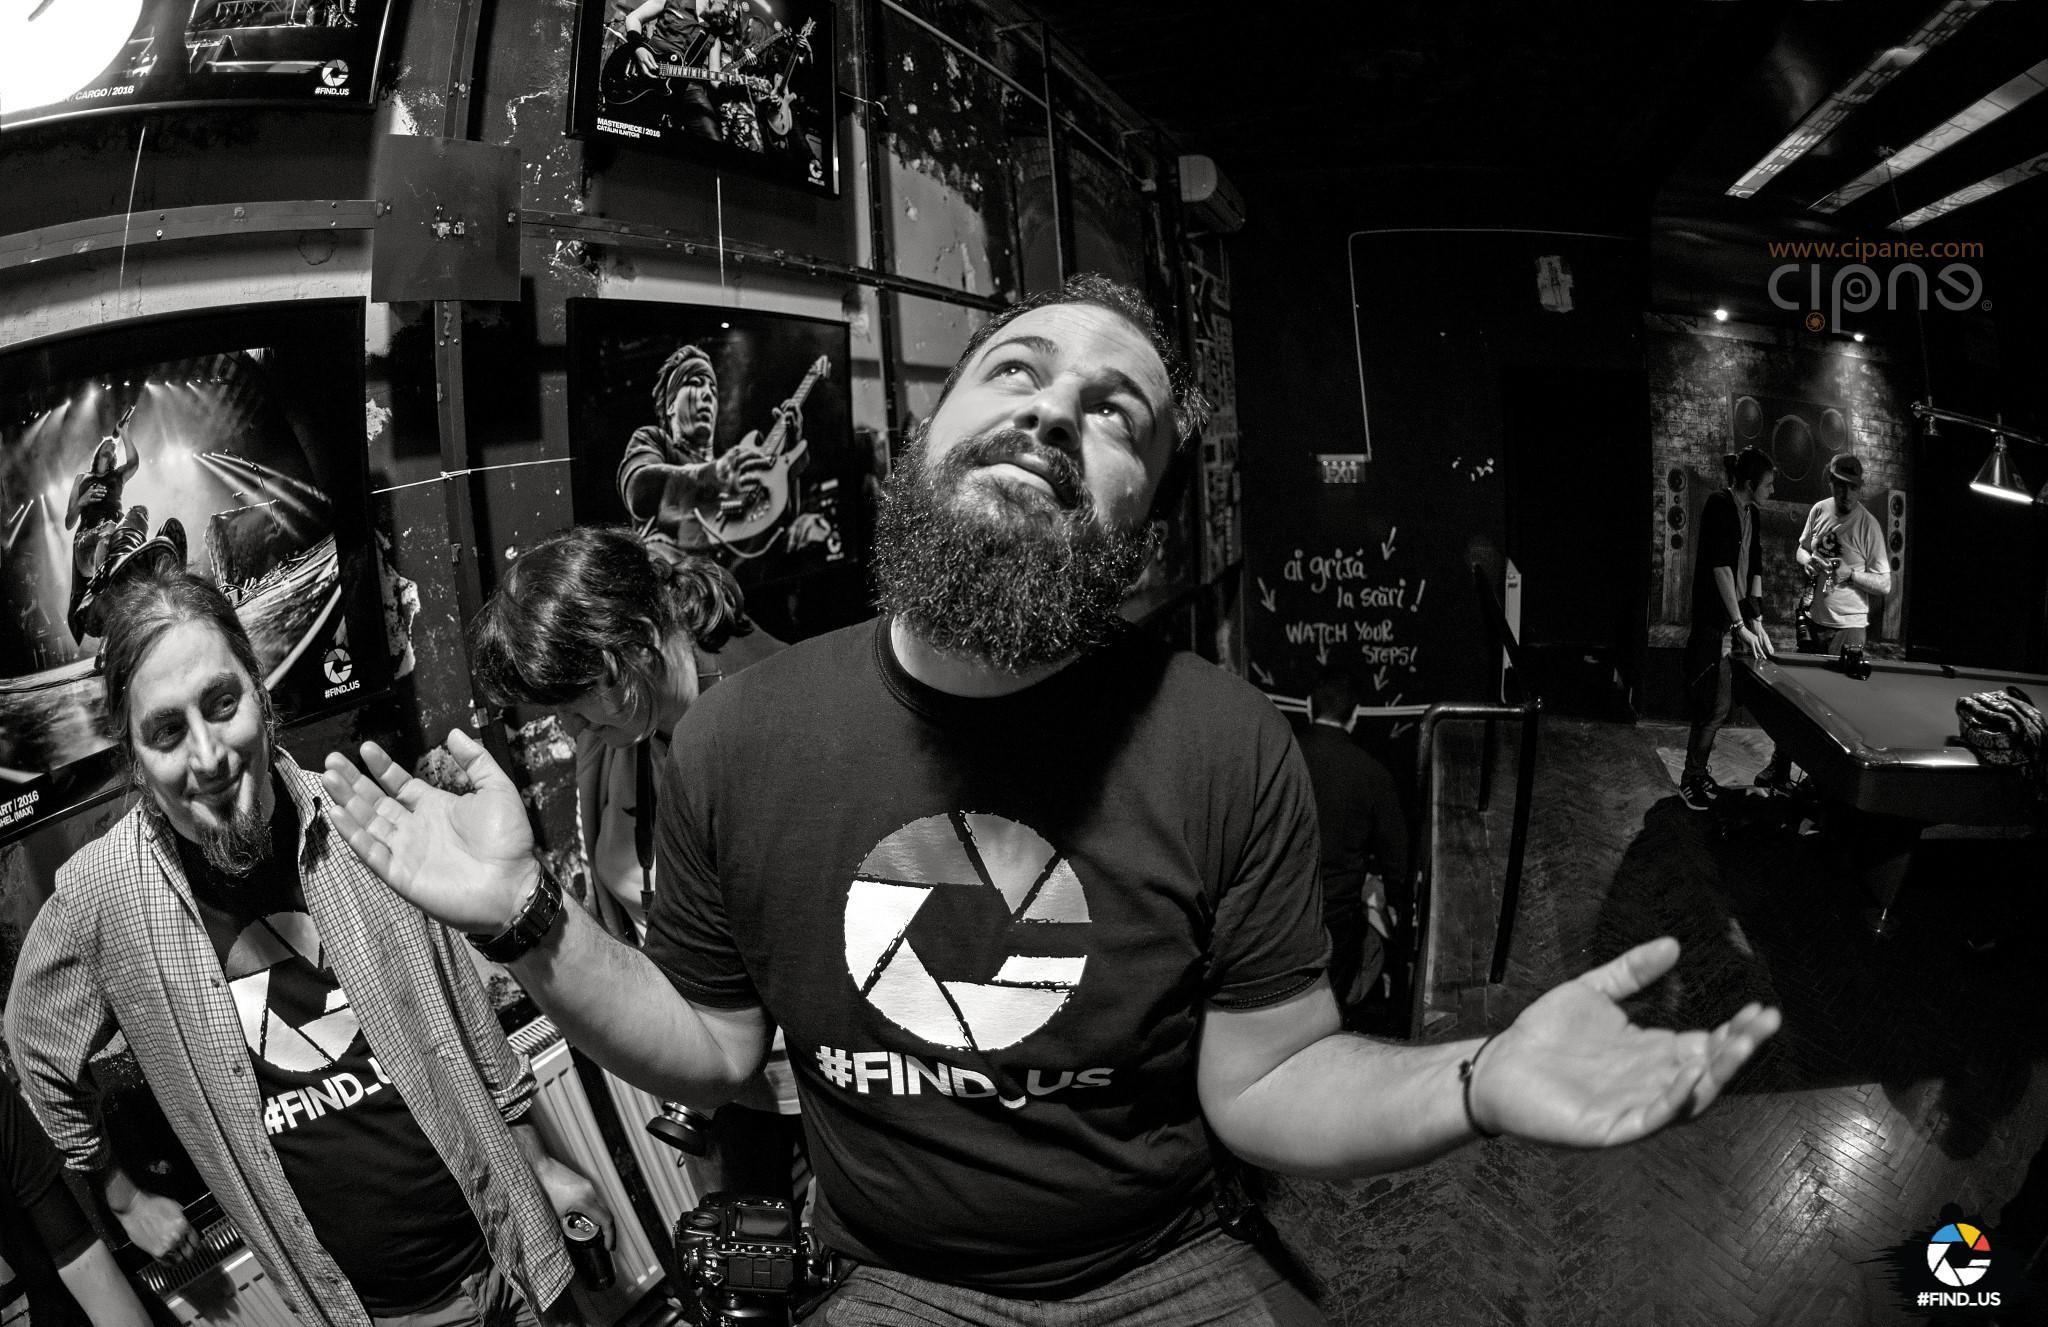 """Roadkillsoda acustic - 10 martie 2017 - Vernisajul expoziției """"#FIND_US - Best of 2016"""", Club Fabrica, București"""